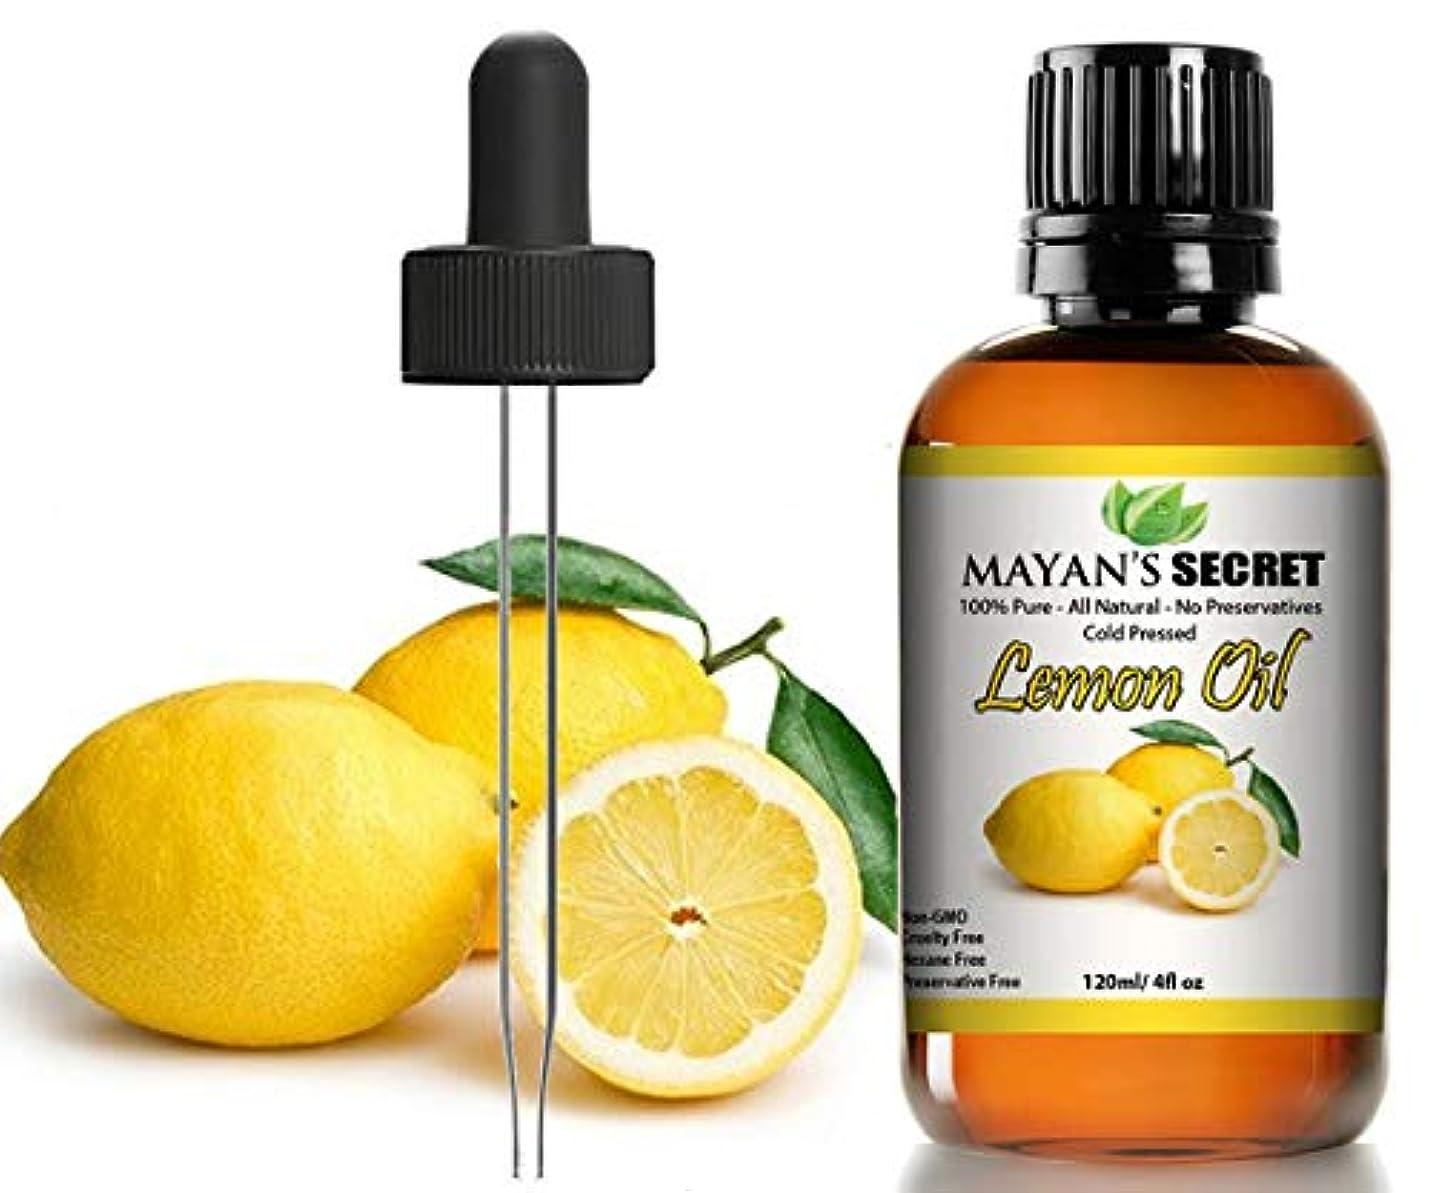 パドルストラップ通路Lemon oil essential oil/Cold Pressed,Natural, Undiluted, Therapeutic Grade Aromatherapy Oil Large 4 ounces Glass...